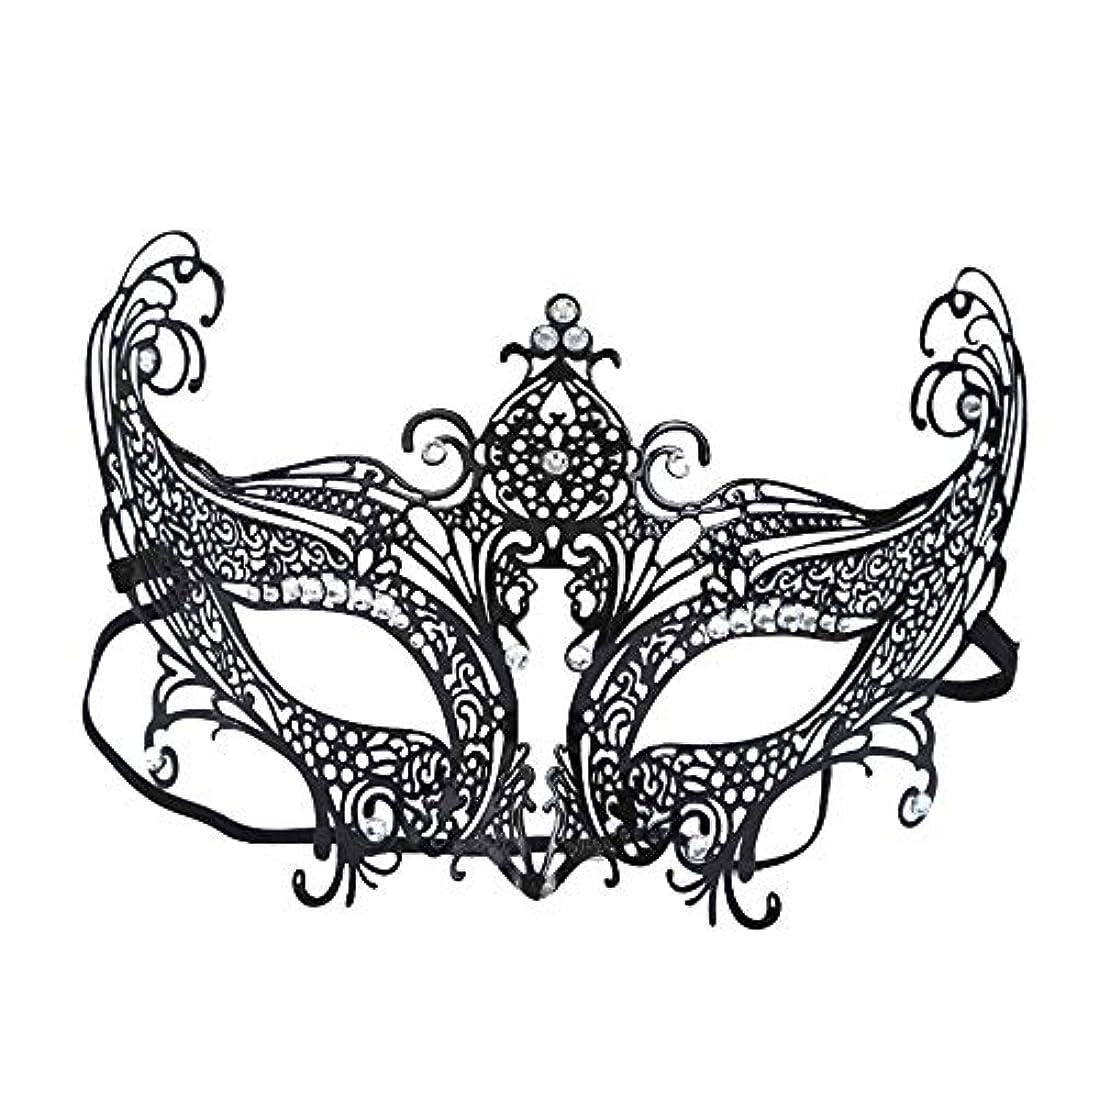 破壊考案する楽観的ハーフフェイスアイアンマスクハロウィンヴェネツィア仮装メタルダイヤモンドフォックスマスクセクシーファンアイマスク (Color : B)